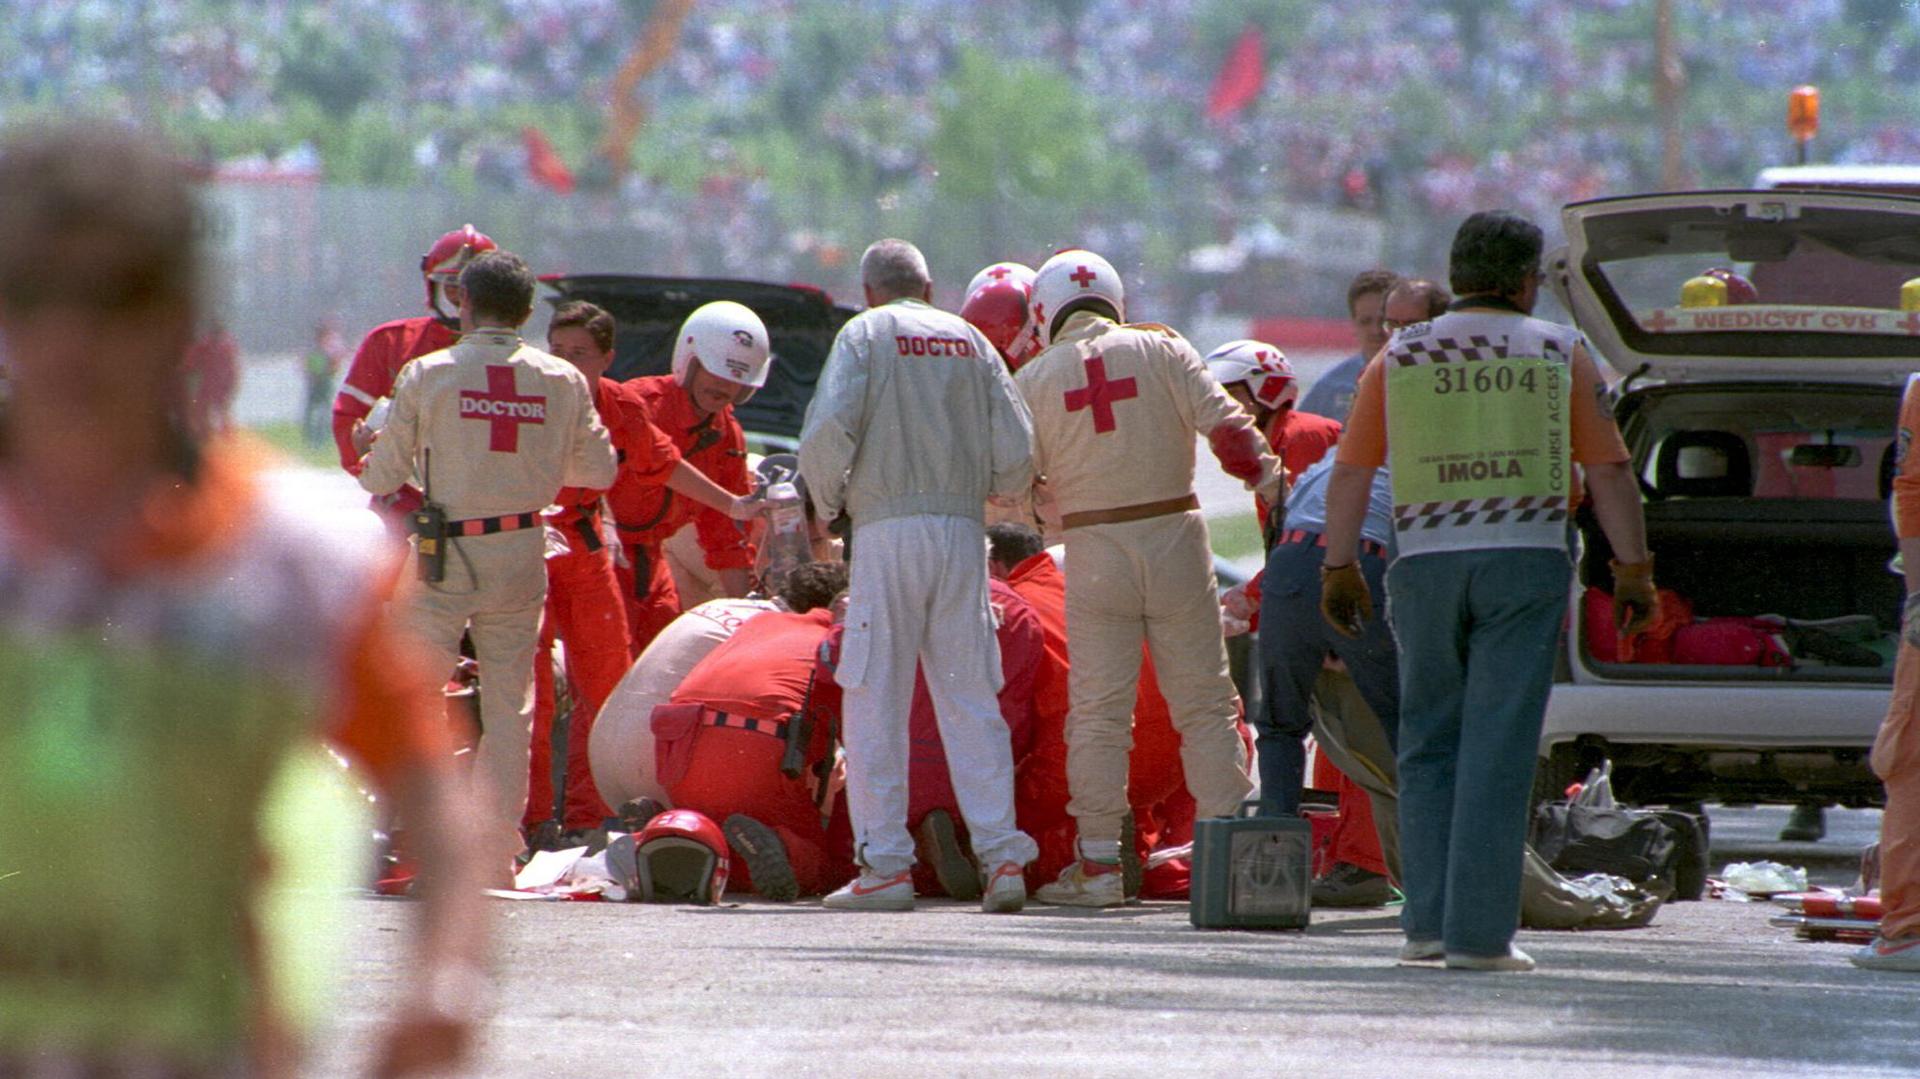 Senna perdió la vida en el momento del accidente, según confirmaron los médicos del hospital (ALLSPORT)